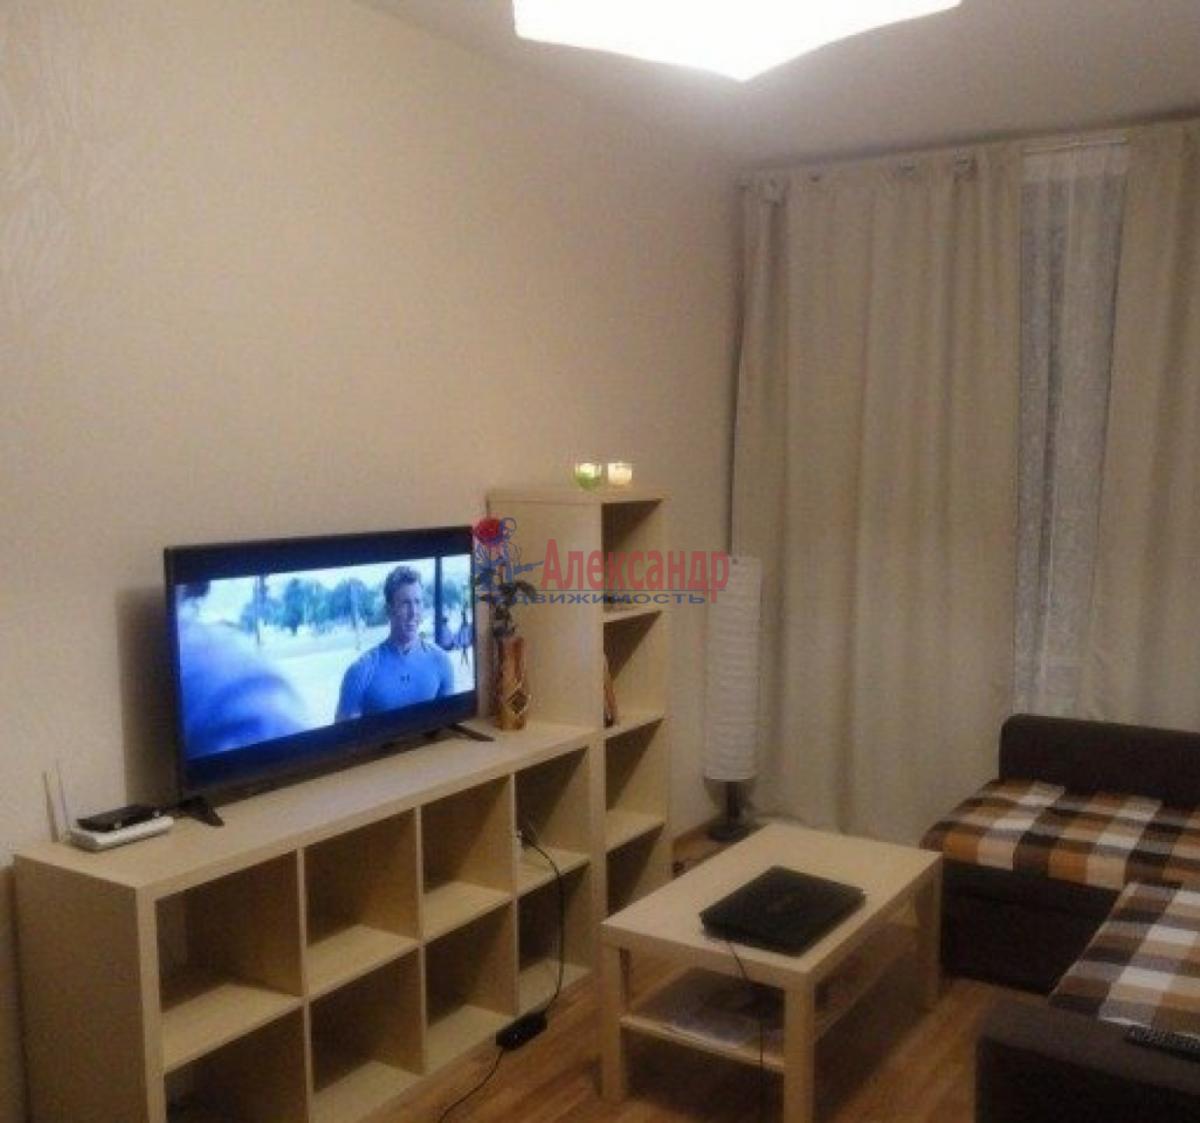 1-комнатная квартира (37м2) в аренду по адресу Славы пр., 55— фото 2 из 3